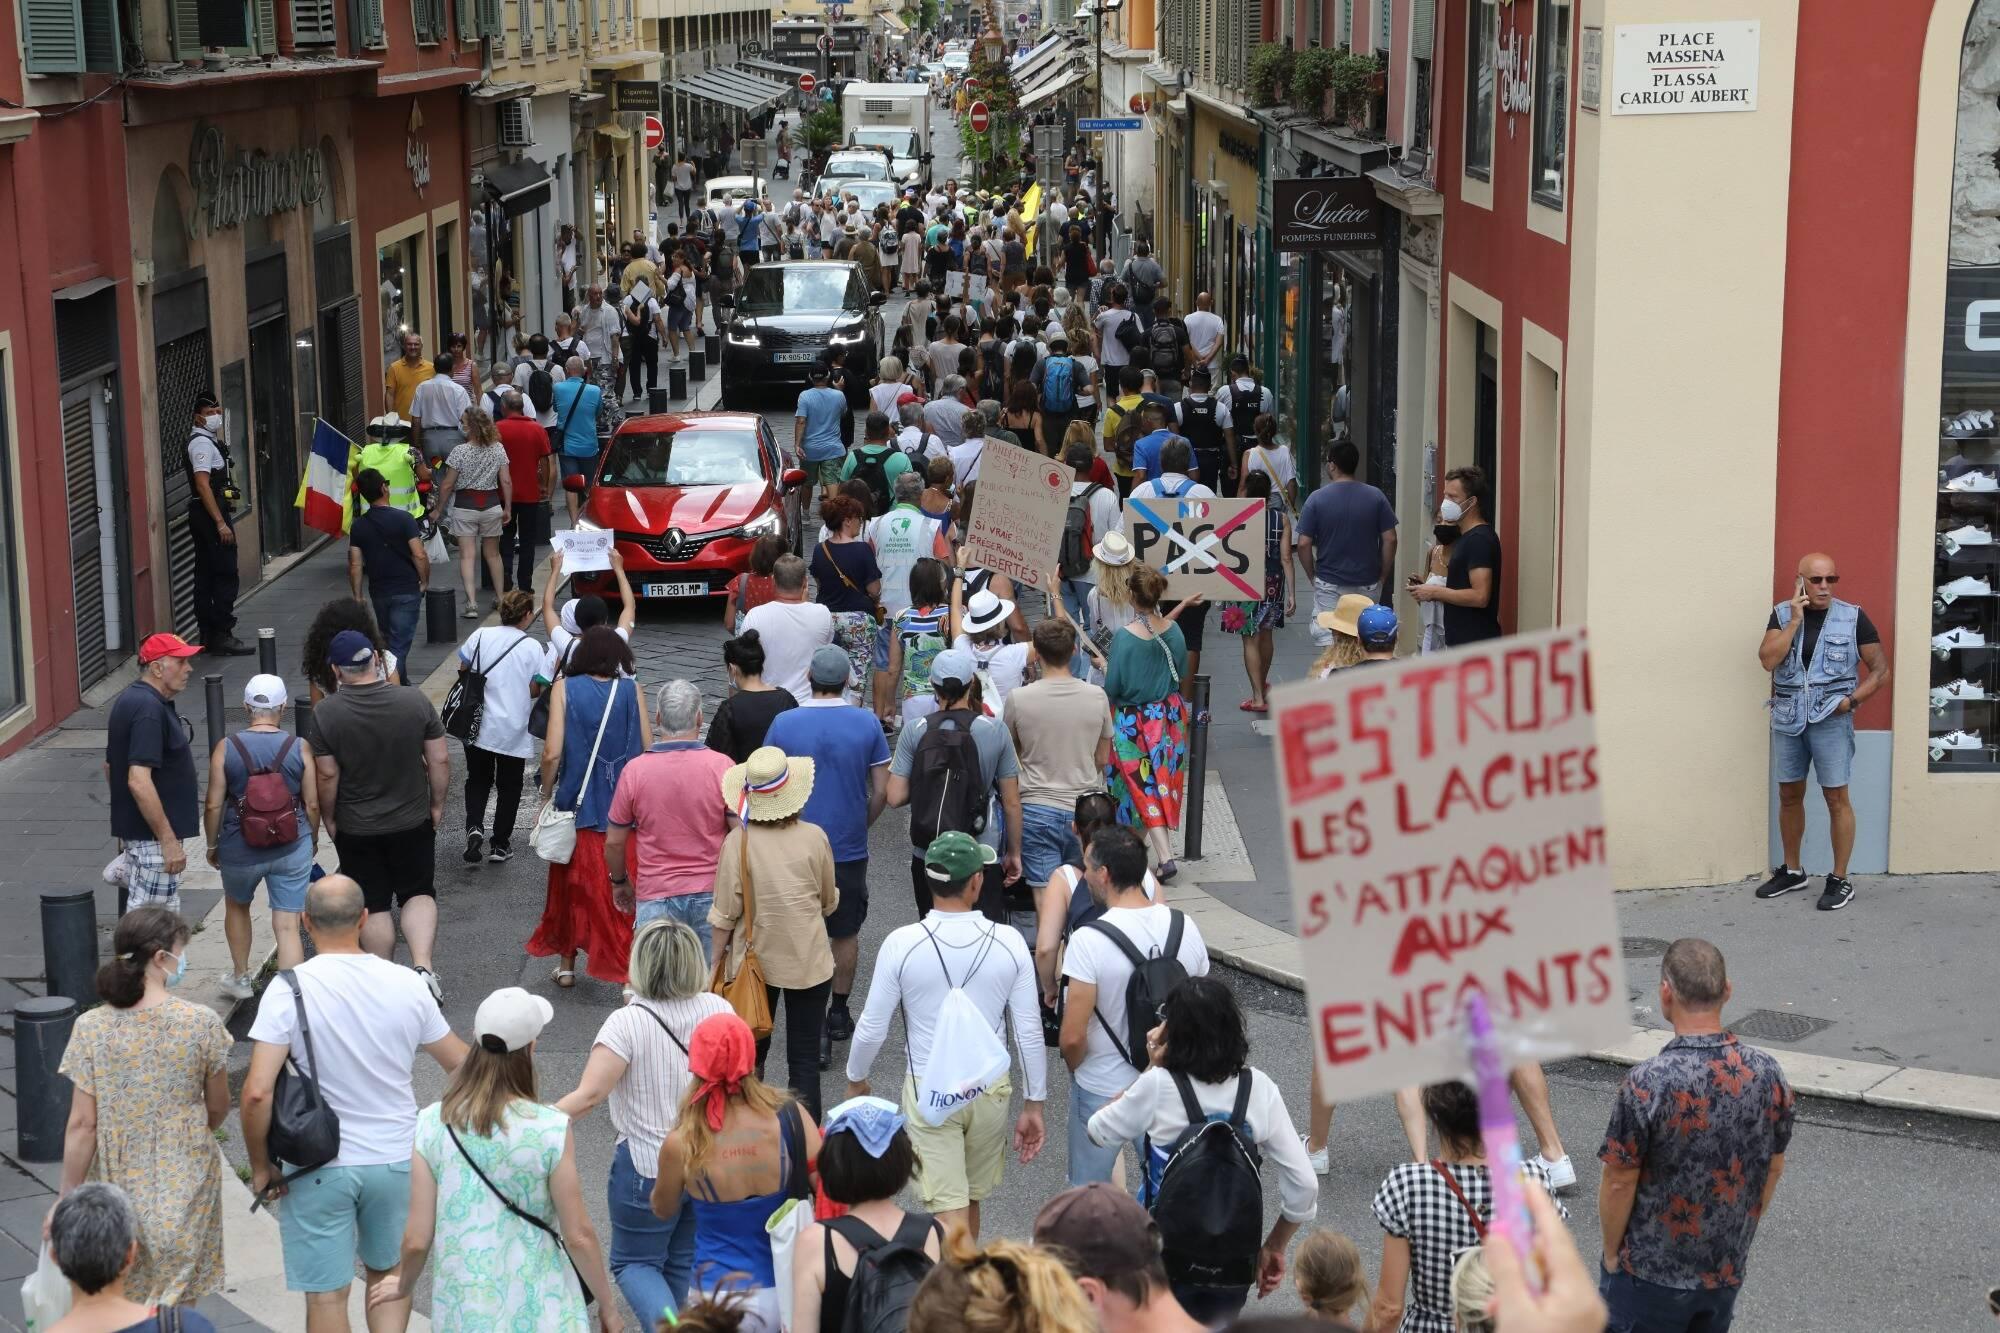 Le préfet des Alpes-Maritimes décide d'interdire la manifestation anti pass sanitaire de ce samedi dans le centre de Nice